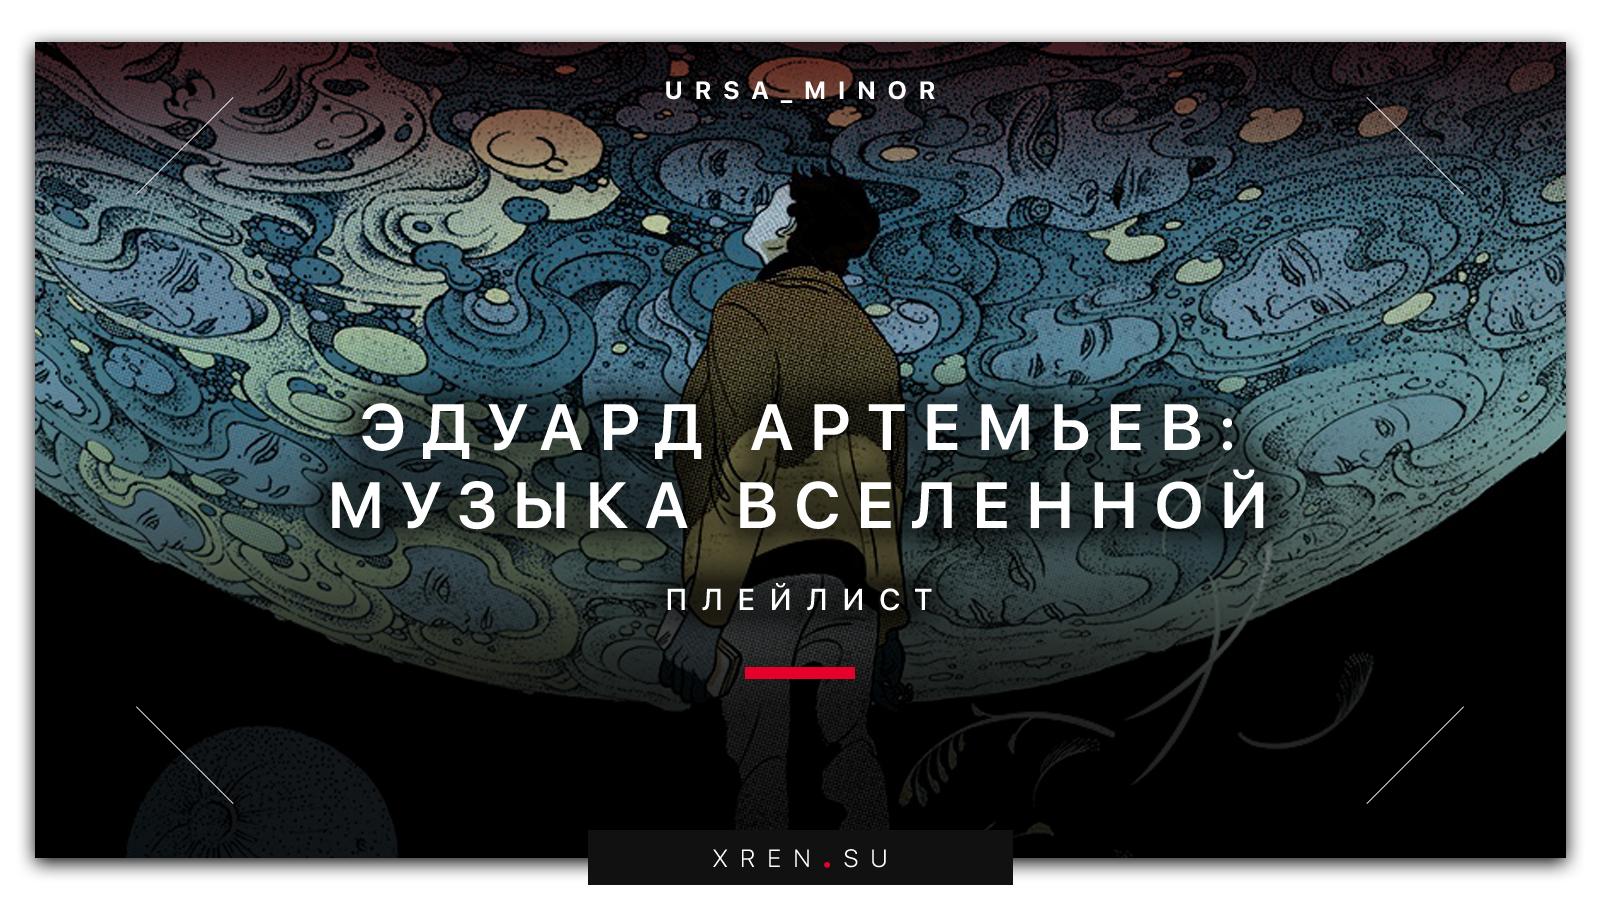 Эдуард Артемьев: музыка Вселенной